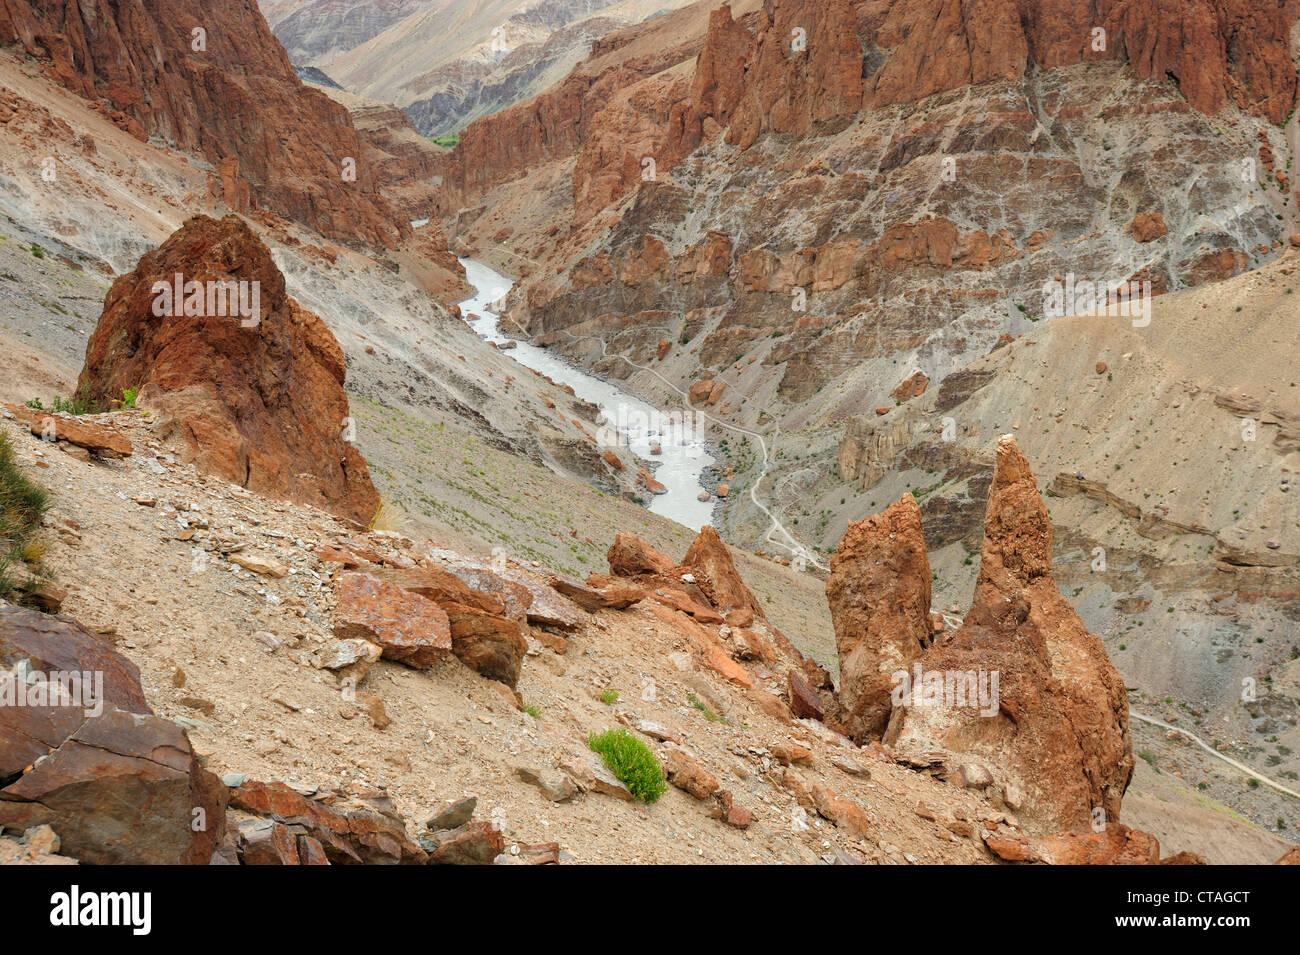 Gorge, between Padum and Phuktal, Zanskar Range Traverse, Zanskar Range, Zanskar, Ladakh, India - Stock Image